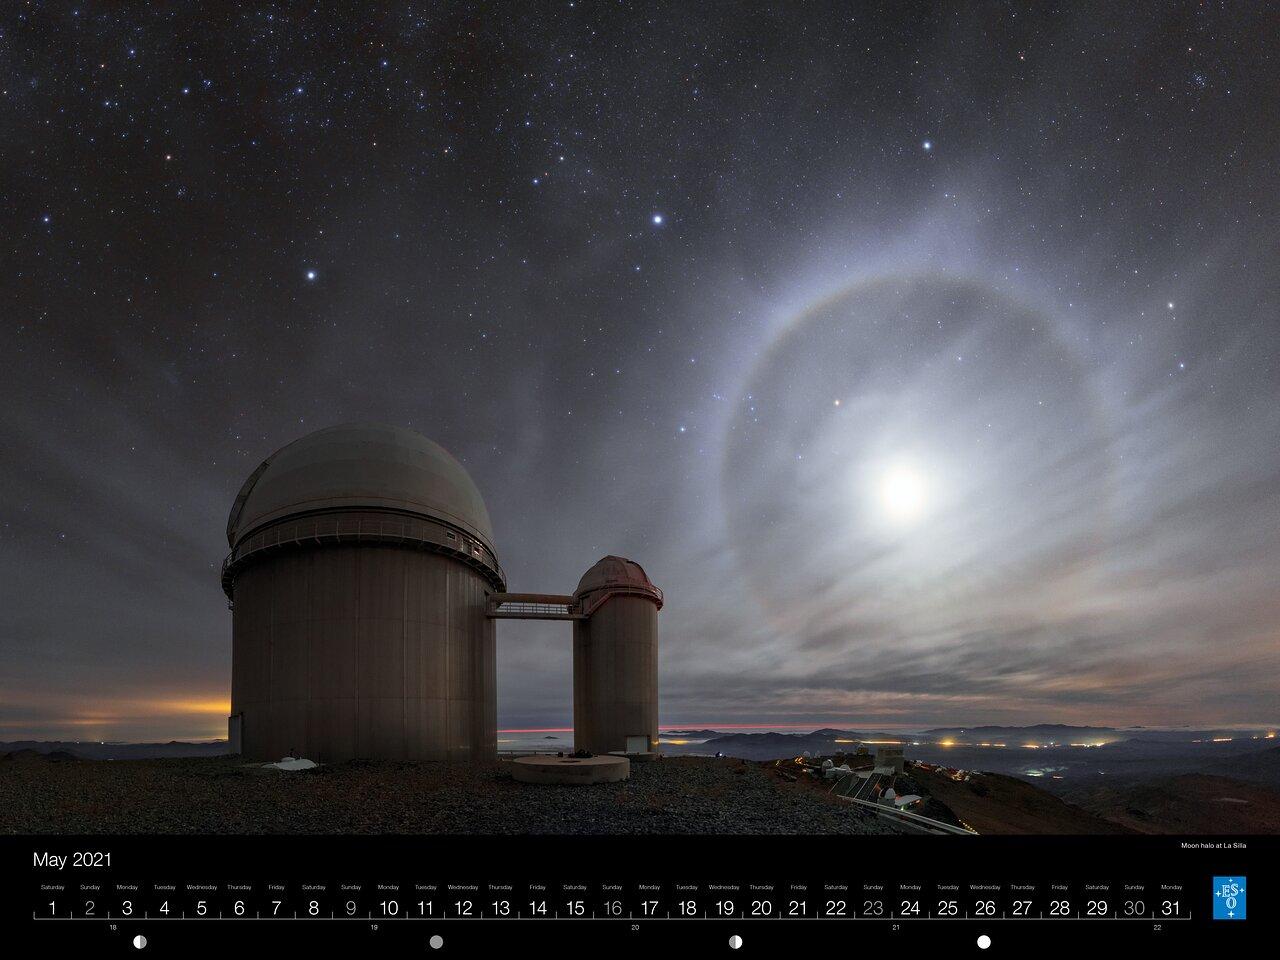 May - Moon halo at La Silla